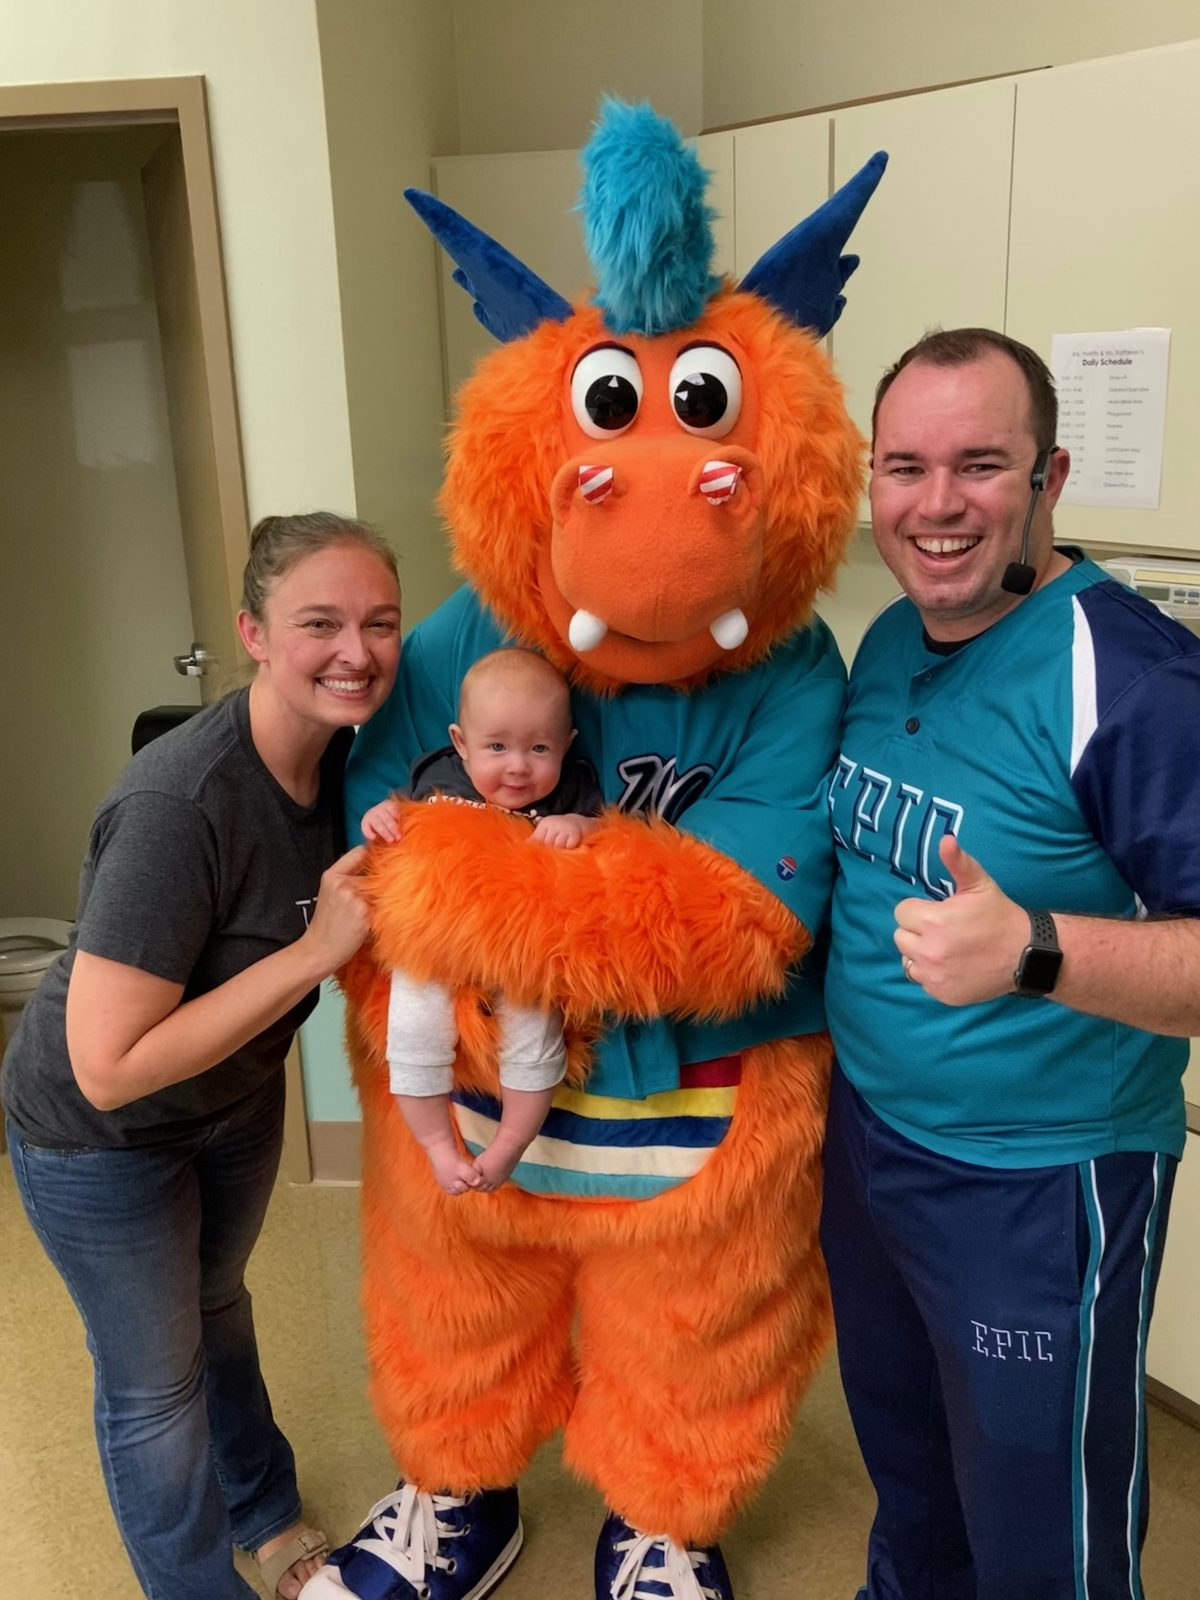 Daniel Monplaisir with wife Ashley, family and EPIC Entertainment mascot, Kazoo.